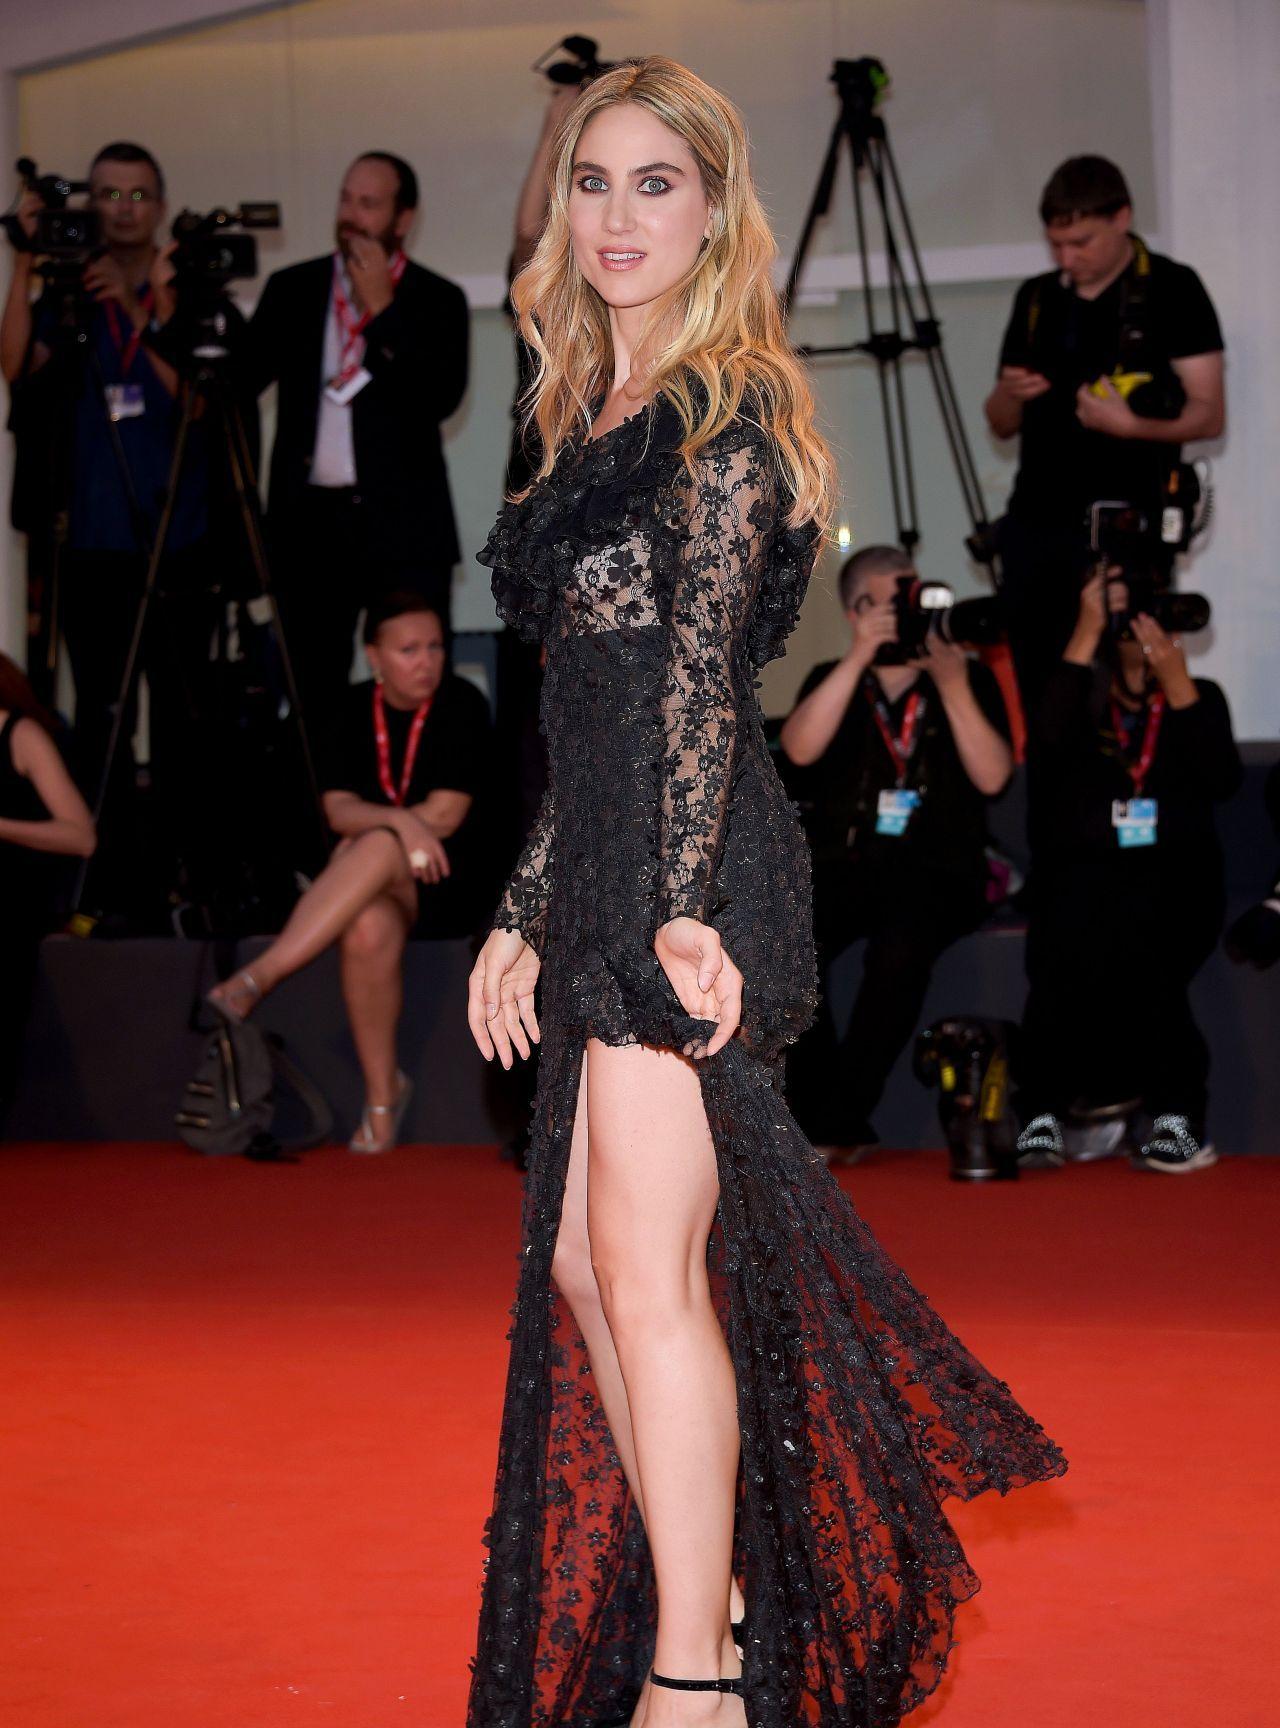 法国女星米里亚姆·加兰蒂黑色晚礼服76届威尼斯电影节走红毯